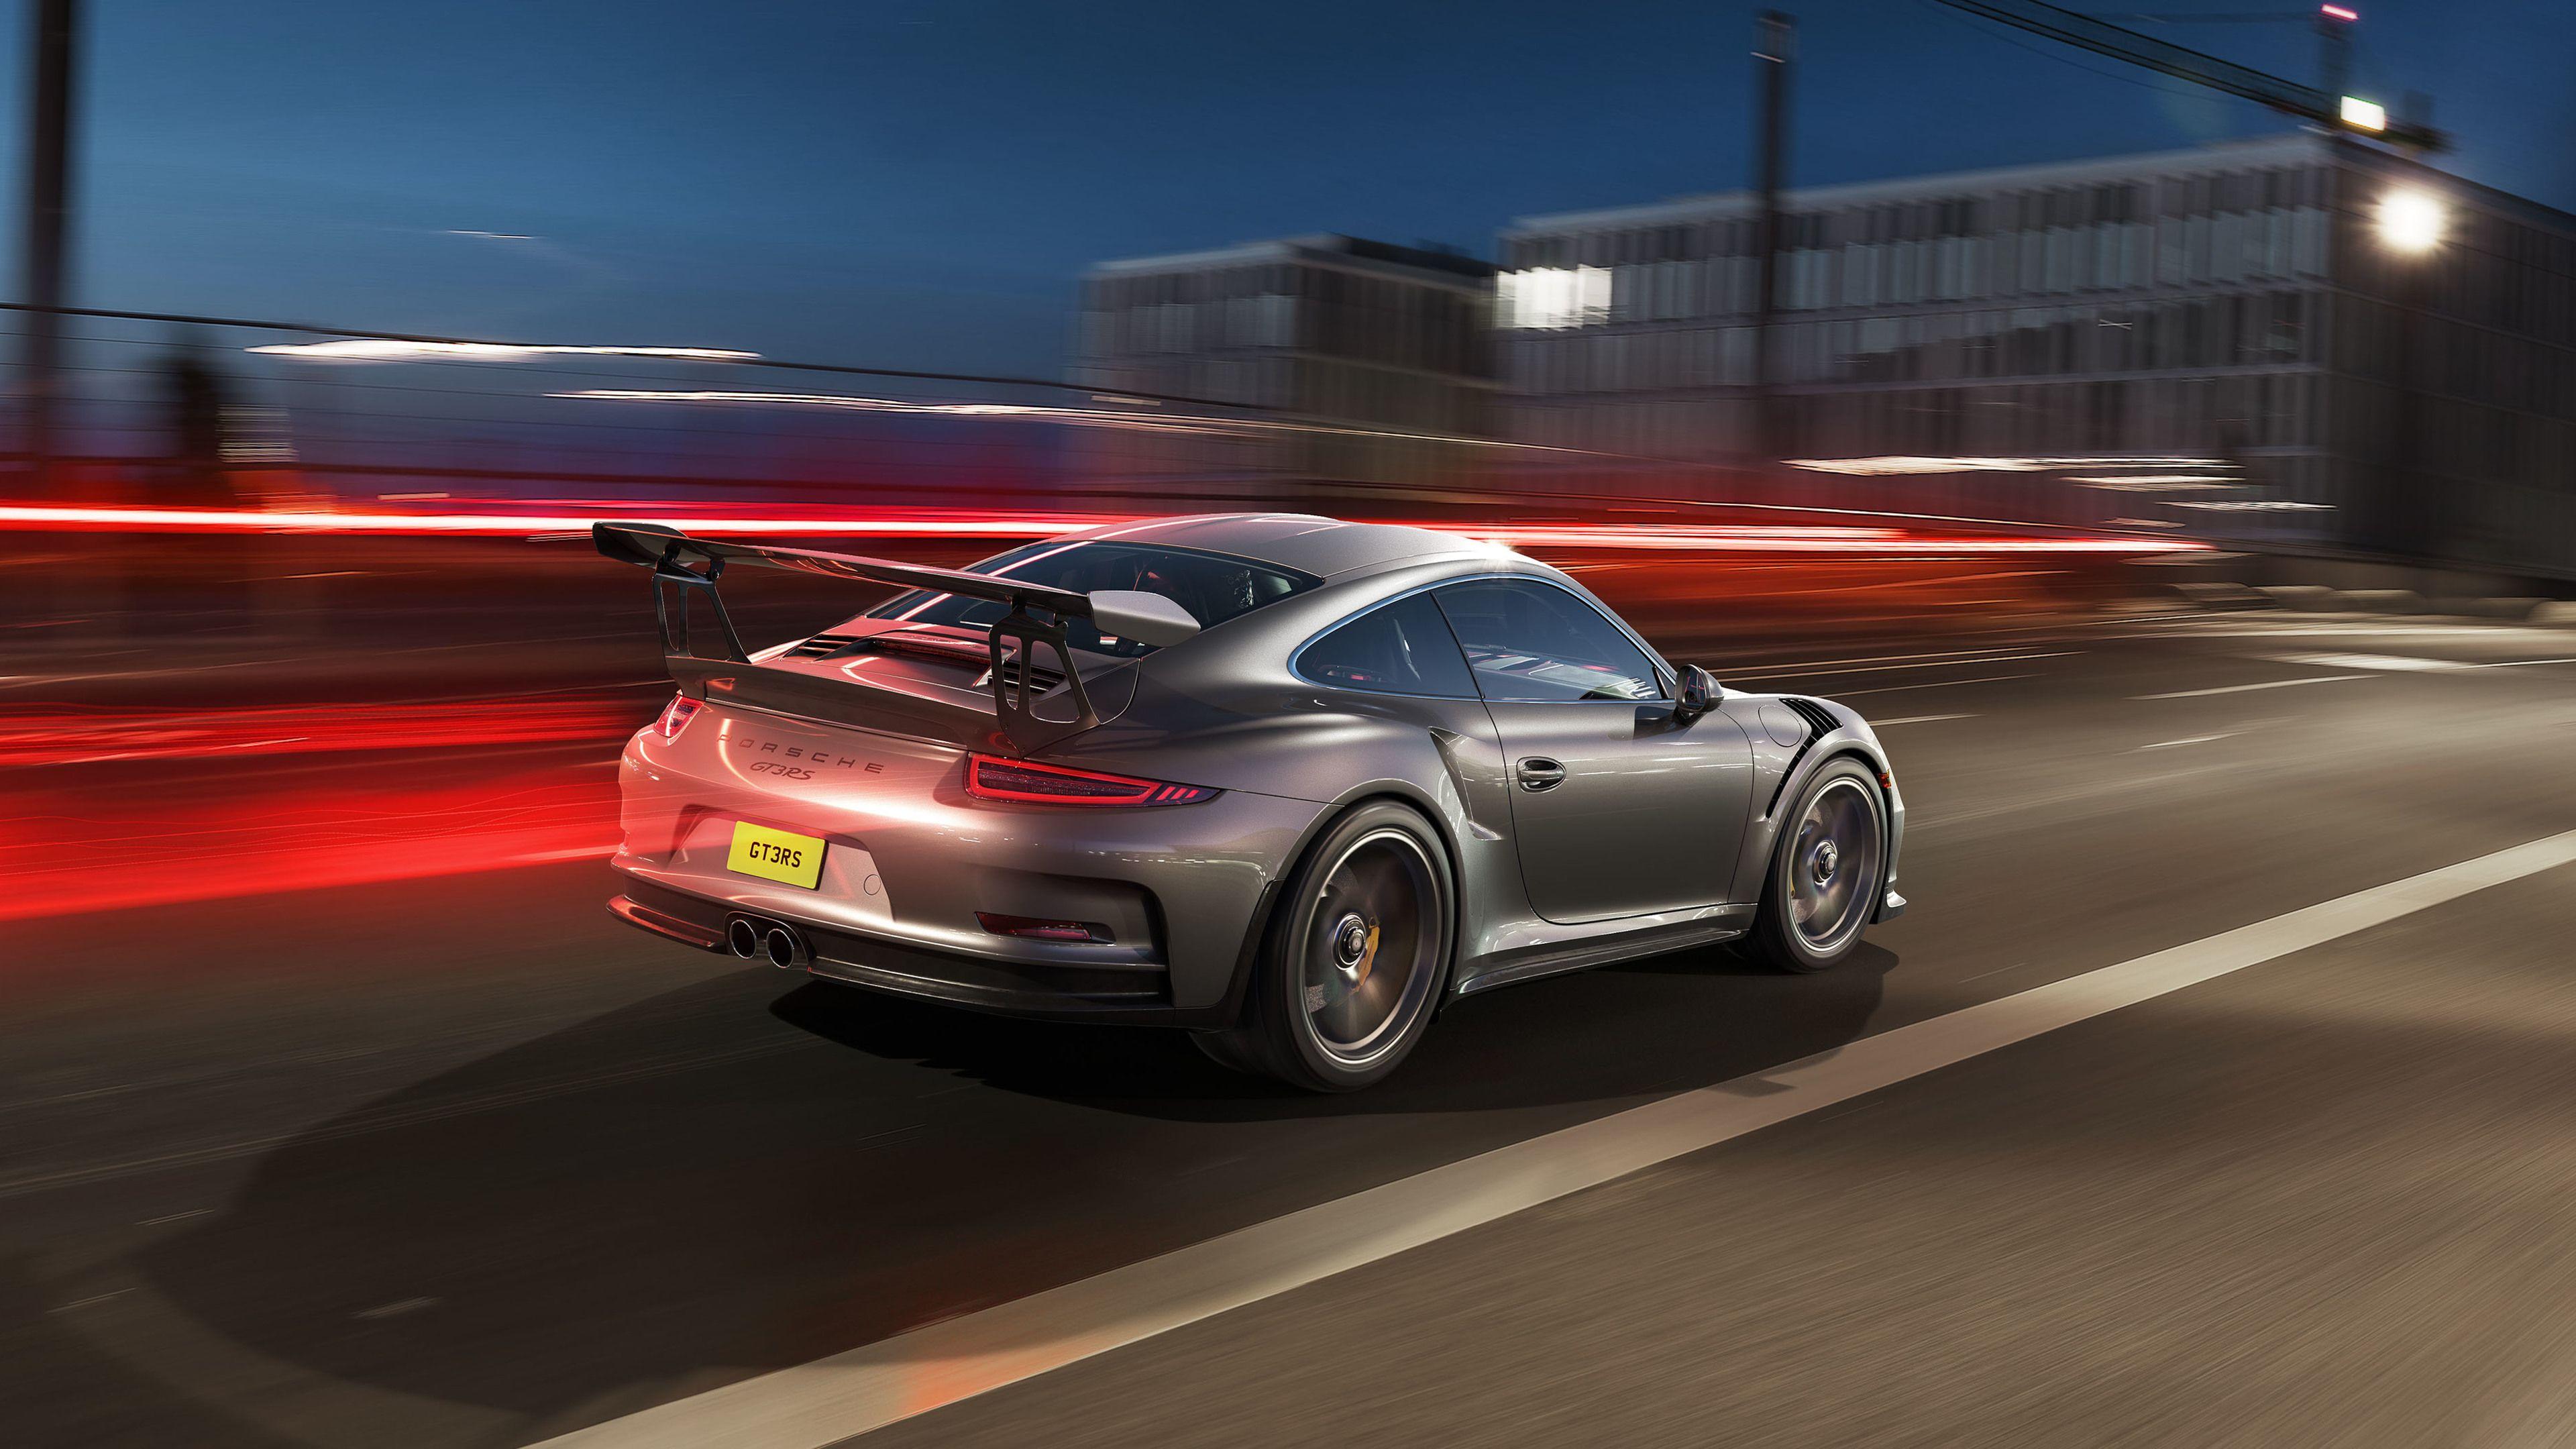 Porsche Gt3rs Rear 4k Wallpaper Porsche Wallpapers Porsche Gt3 Wallpapers Hd Wallpapers Cars Wallpapers Behance Car Wallpapers Porsche 991 Porsche 991 Gt3